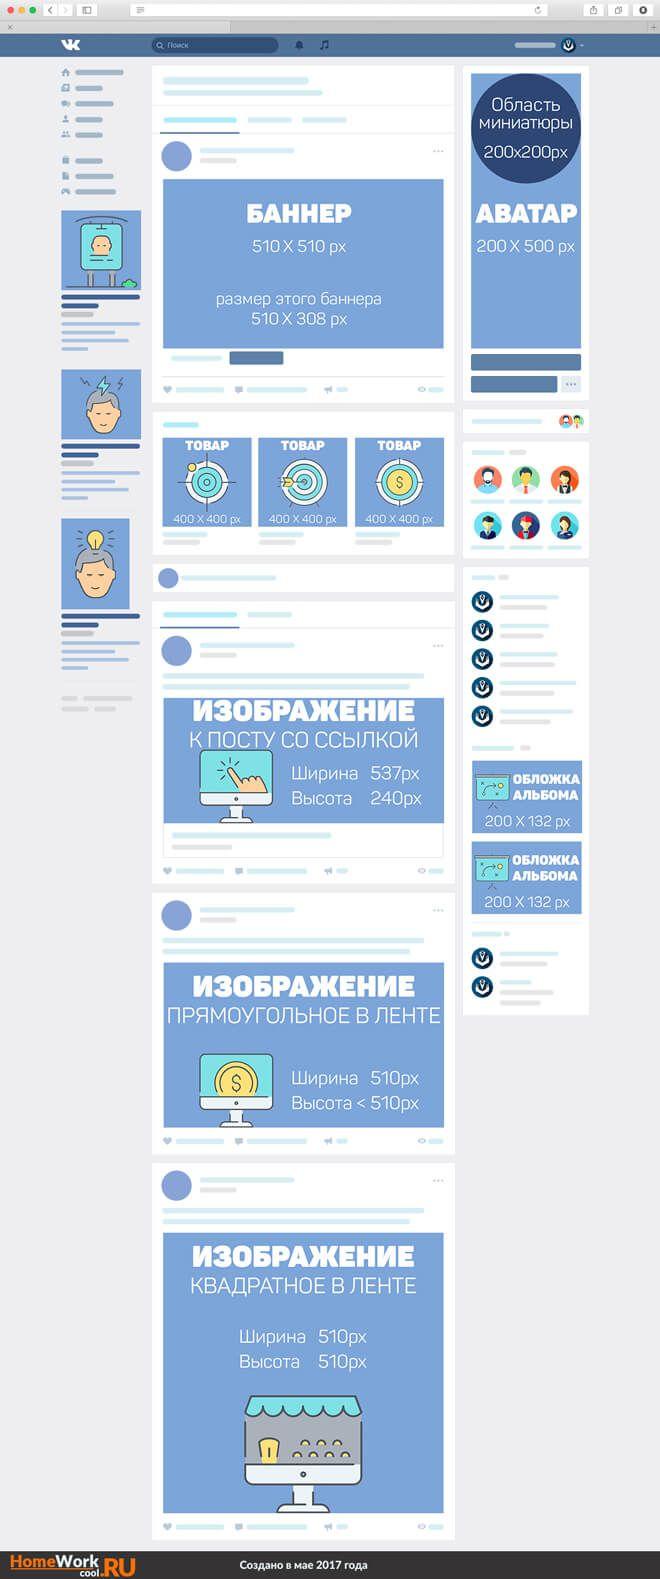 Размеры аватарки и баннера для группы Вконтакте